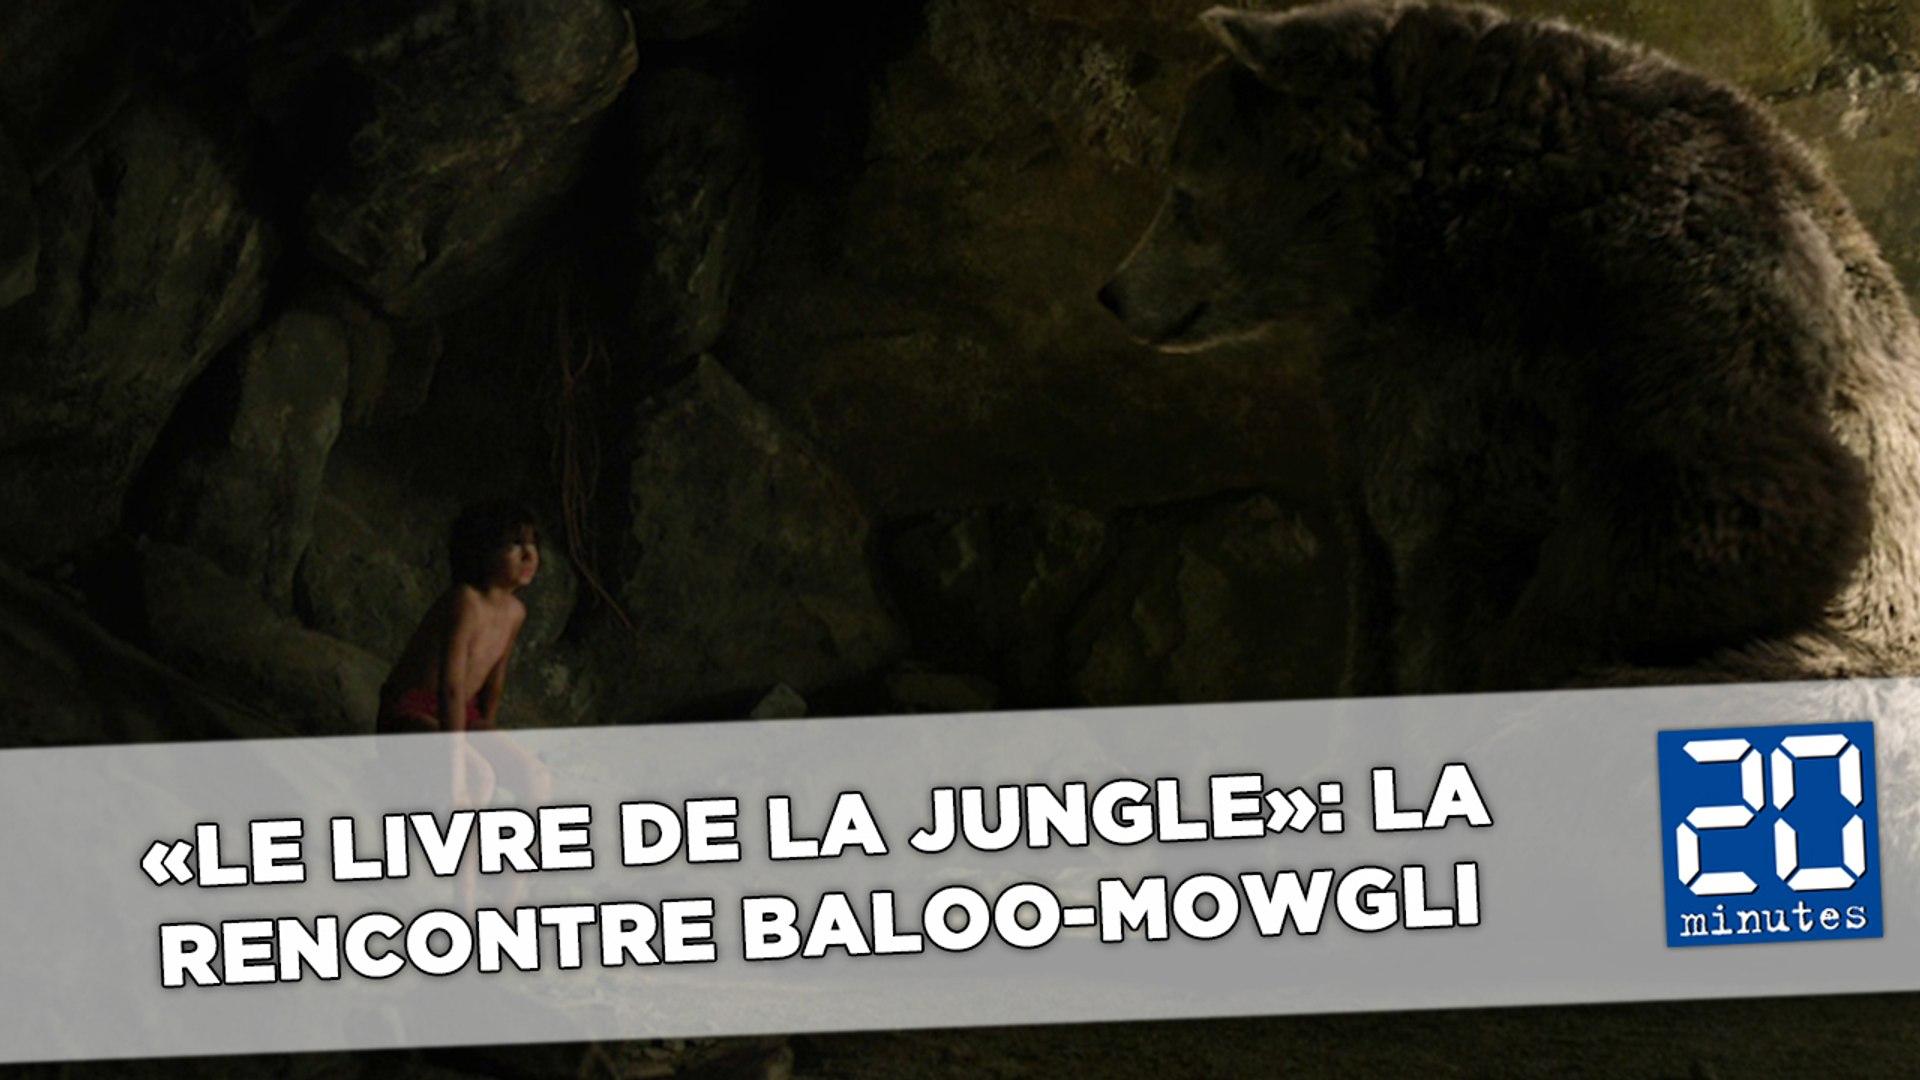 Le Livre De La Jungle La Rencontre Entre Baloo Et Mowgli